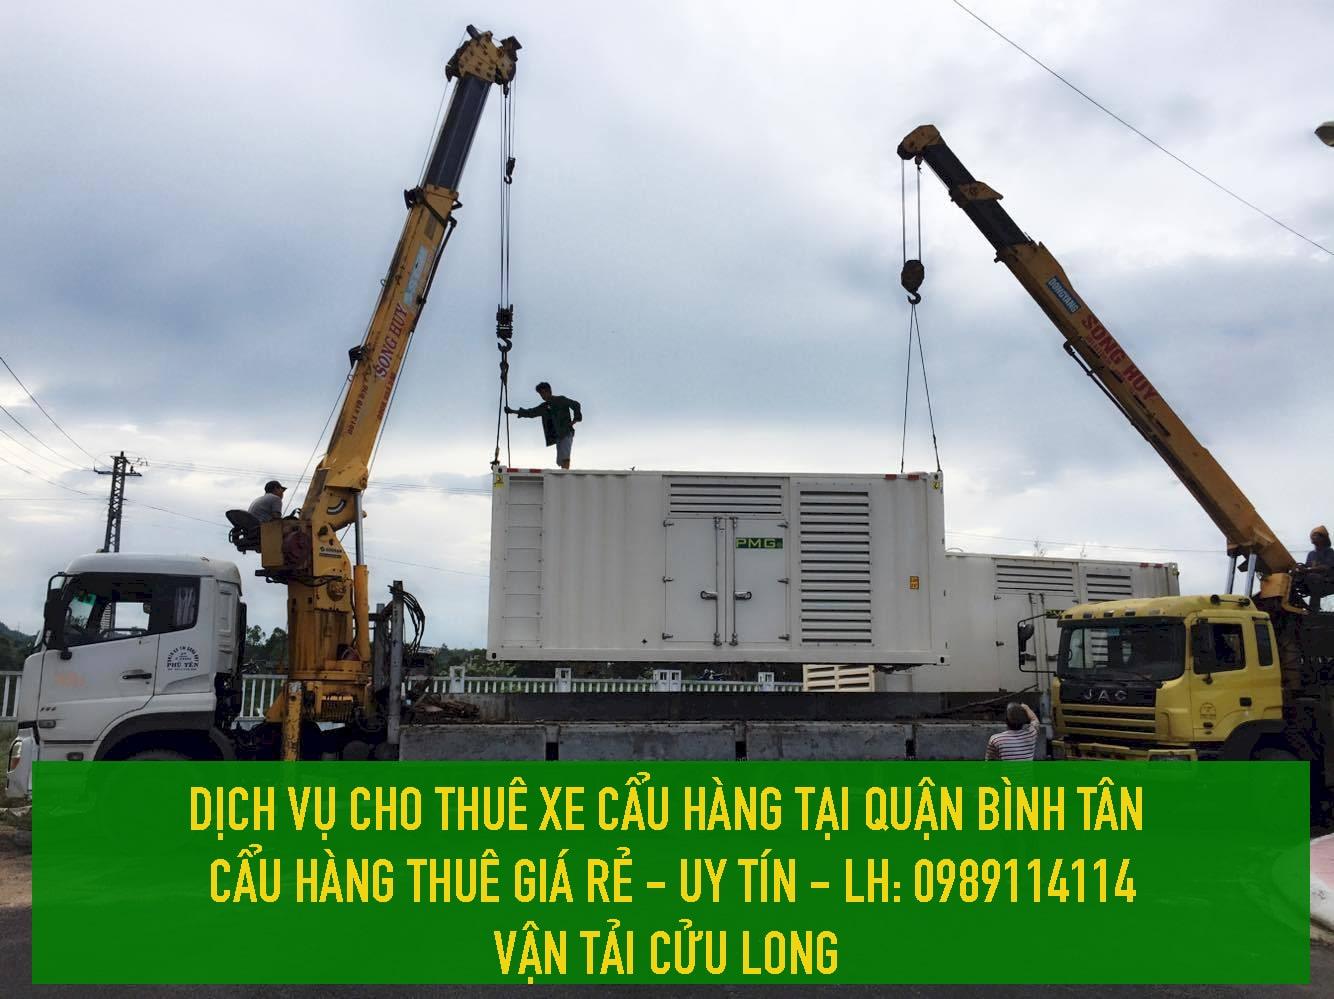 DỊCH VỤ cẩu hàng thuê tại Quận Bình Tân